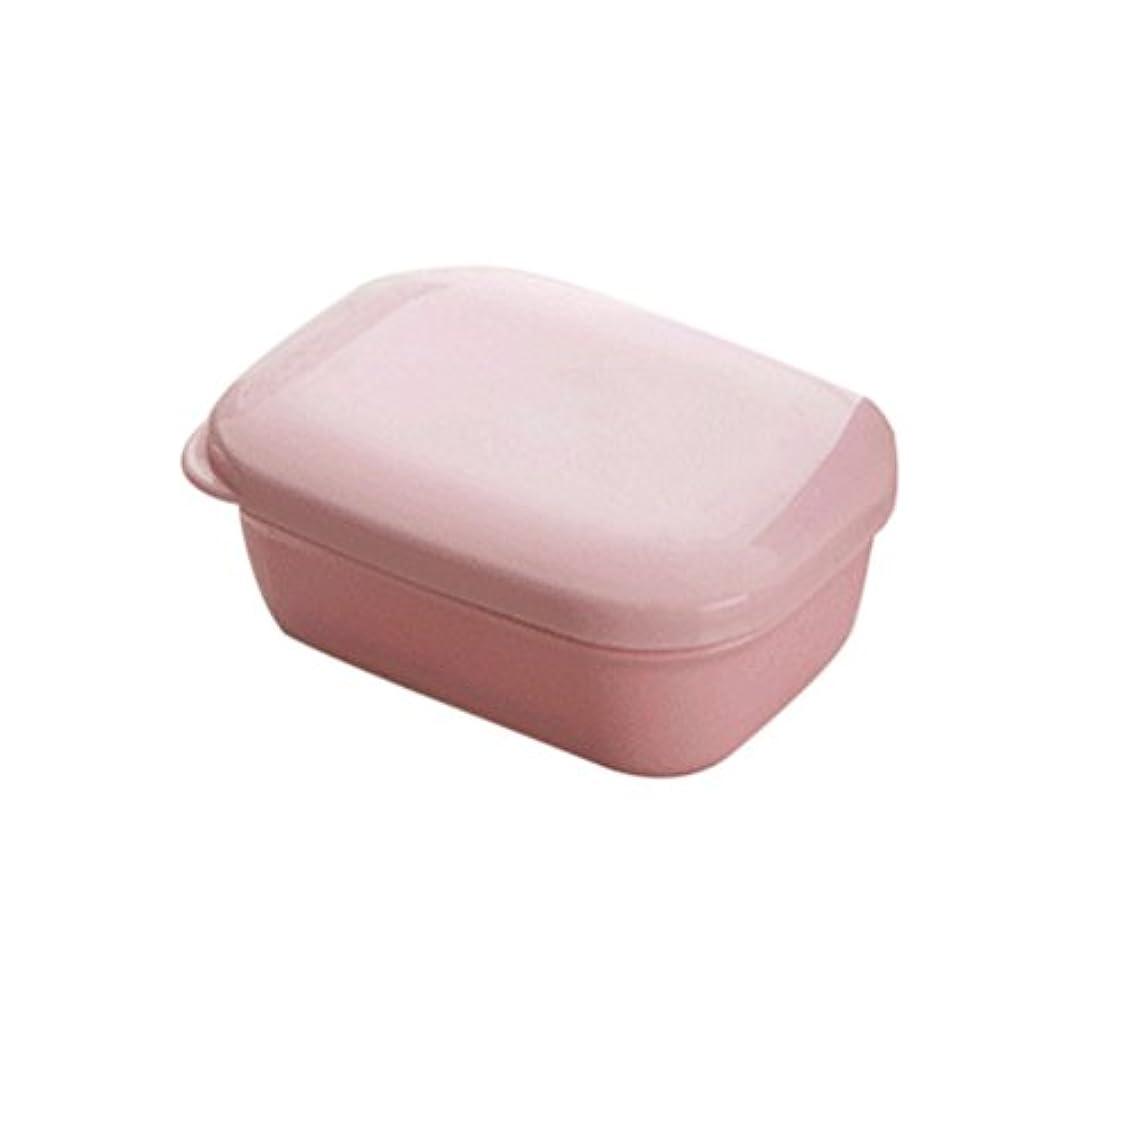 砂利豊かにする最もBESTOMZ 石鹸ケース 石鹸置き ソープディッシュ 旅行用 携帯 ふた付け(ピンク)